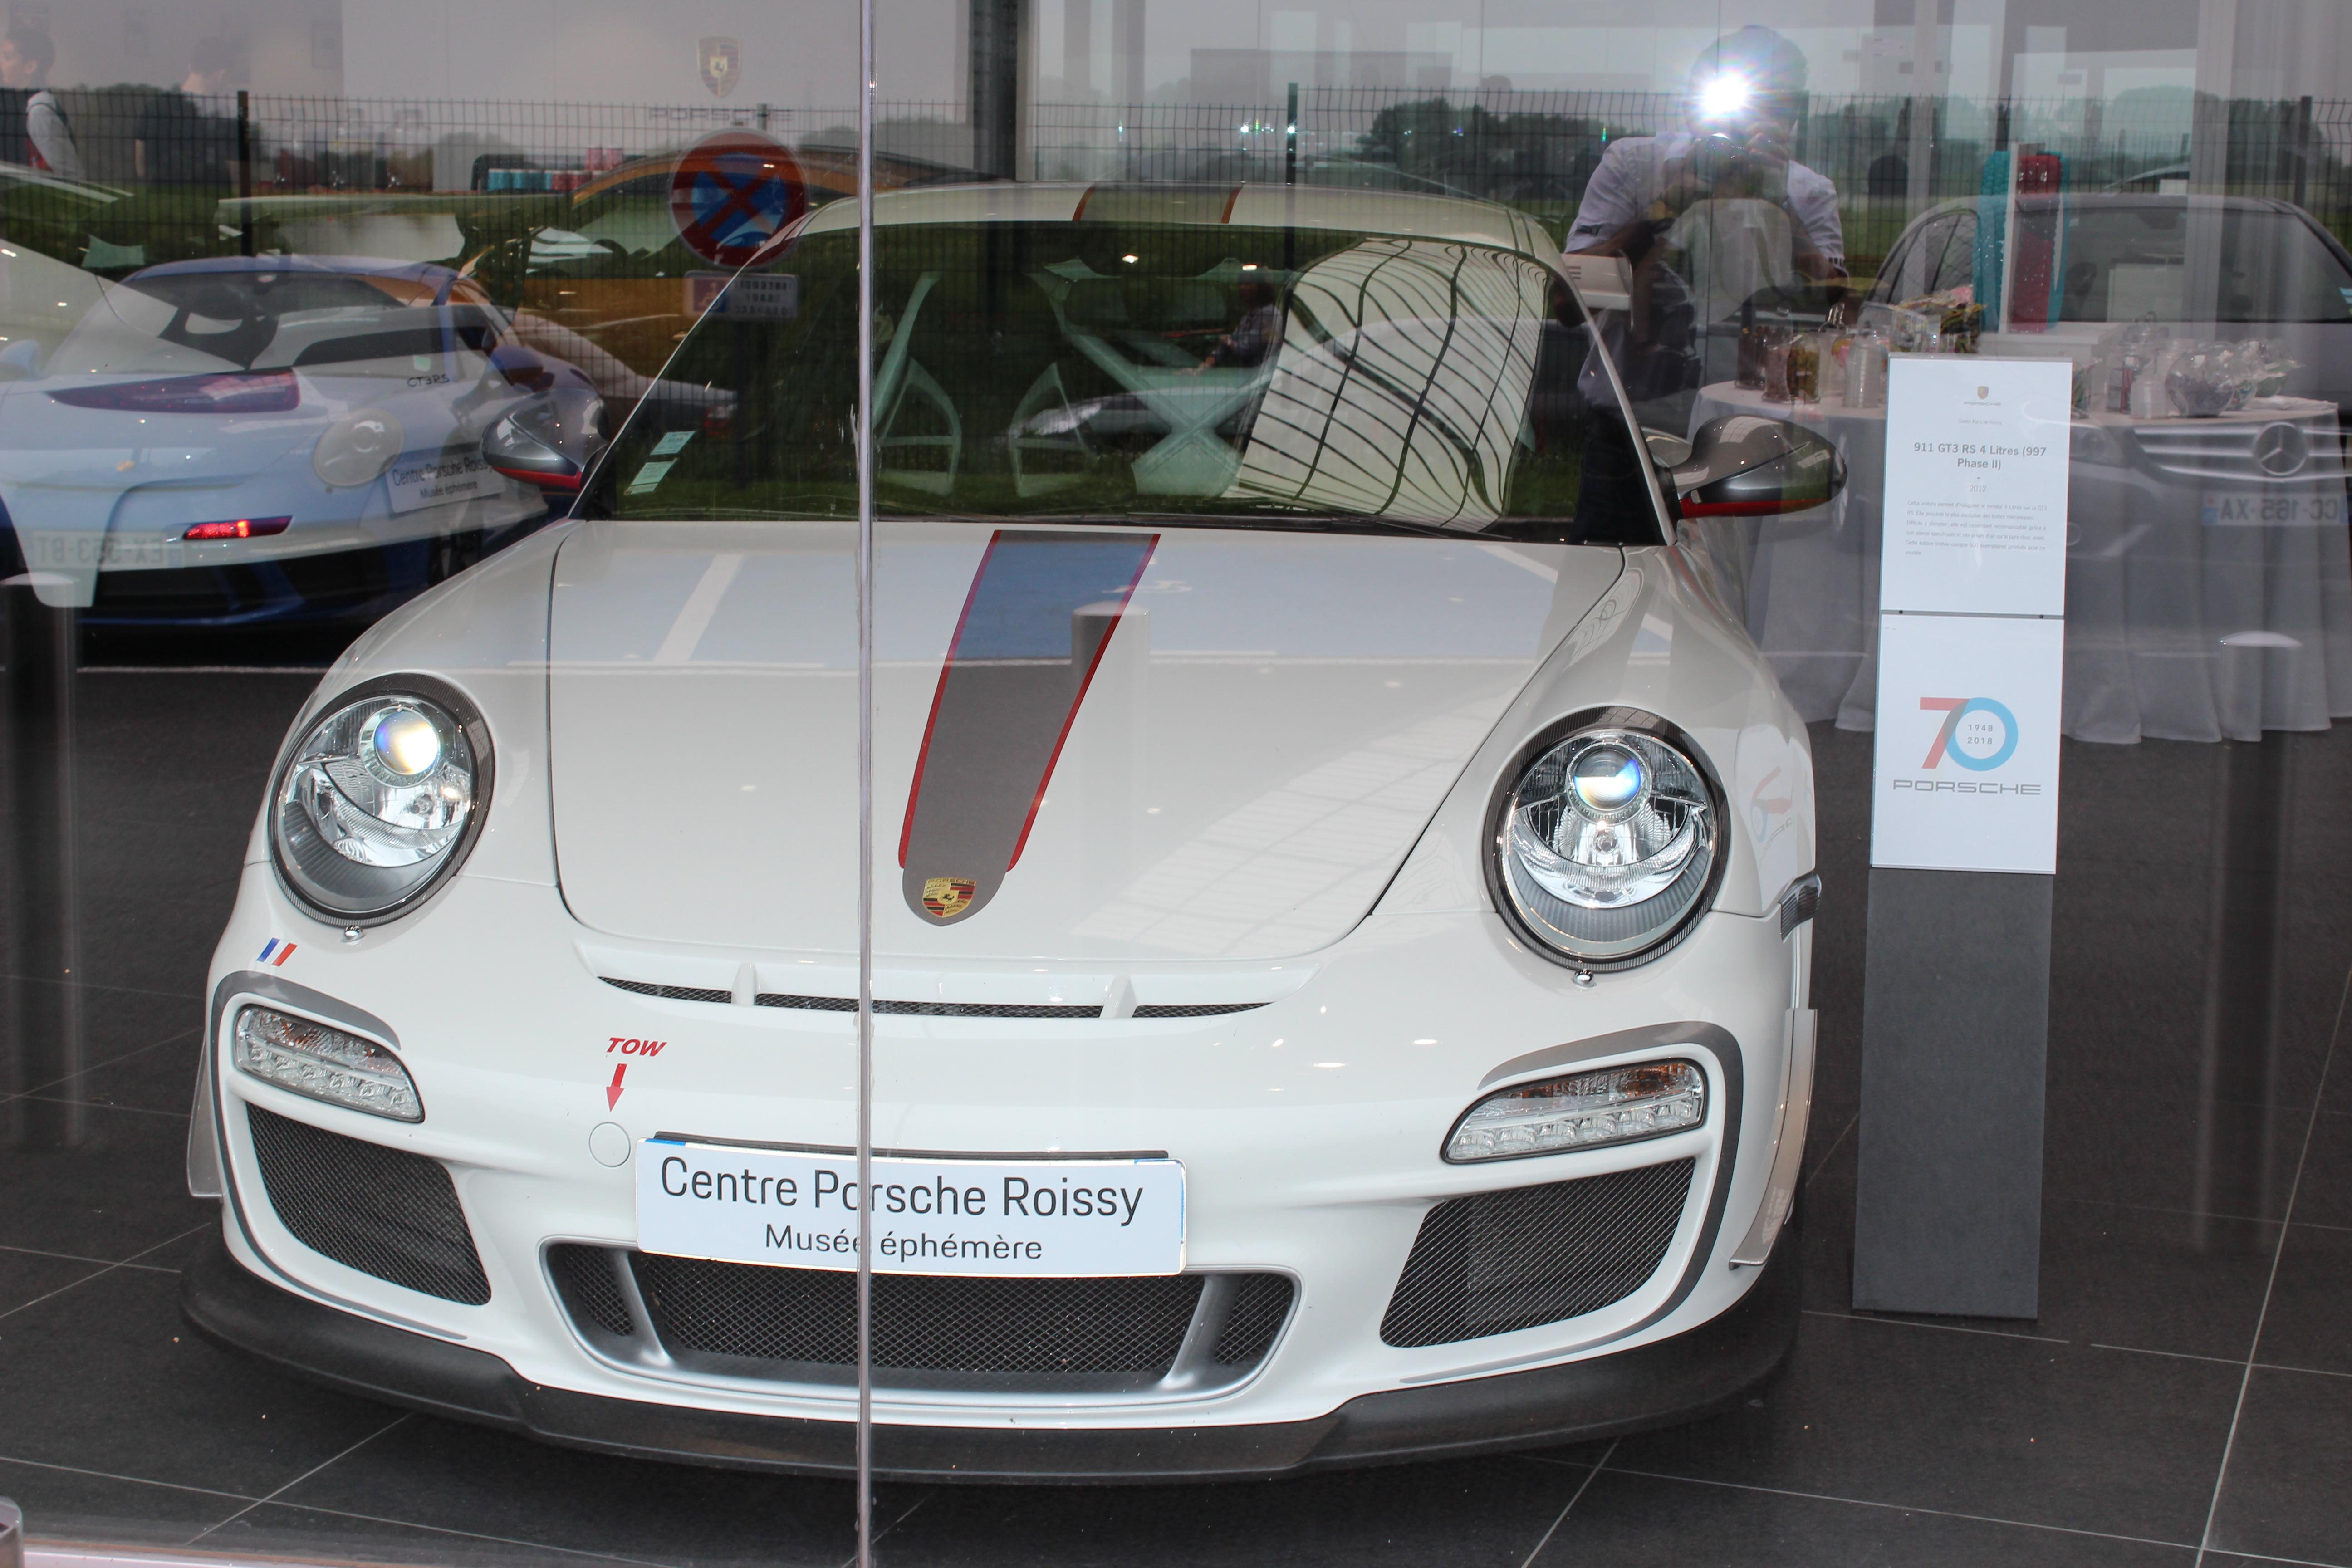 70 Ans Centre Porsche ROISSY Sonauto Img_6635